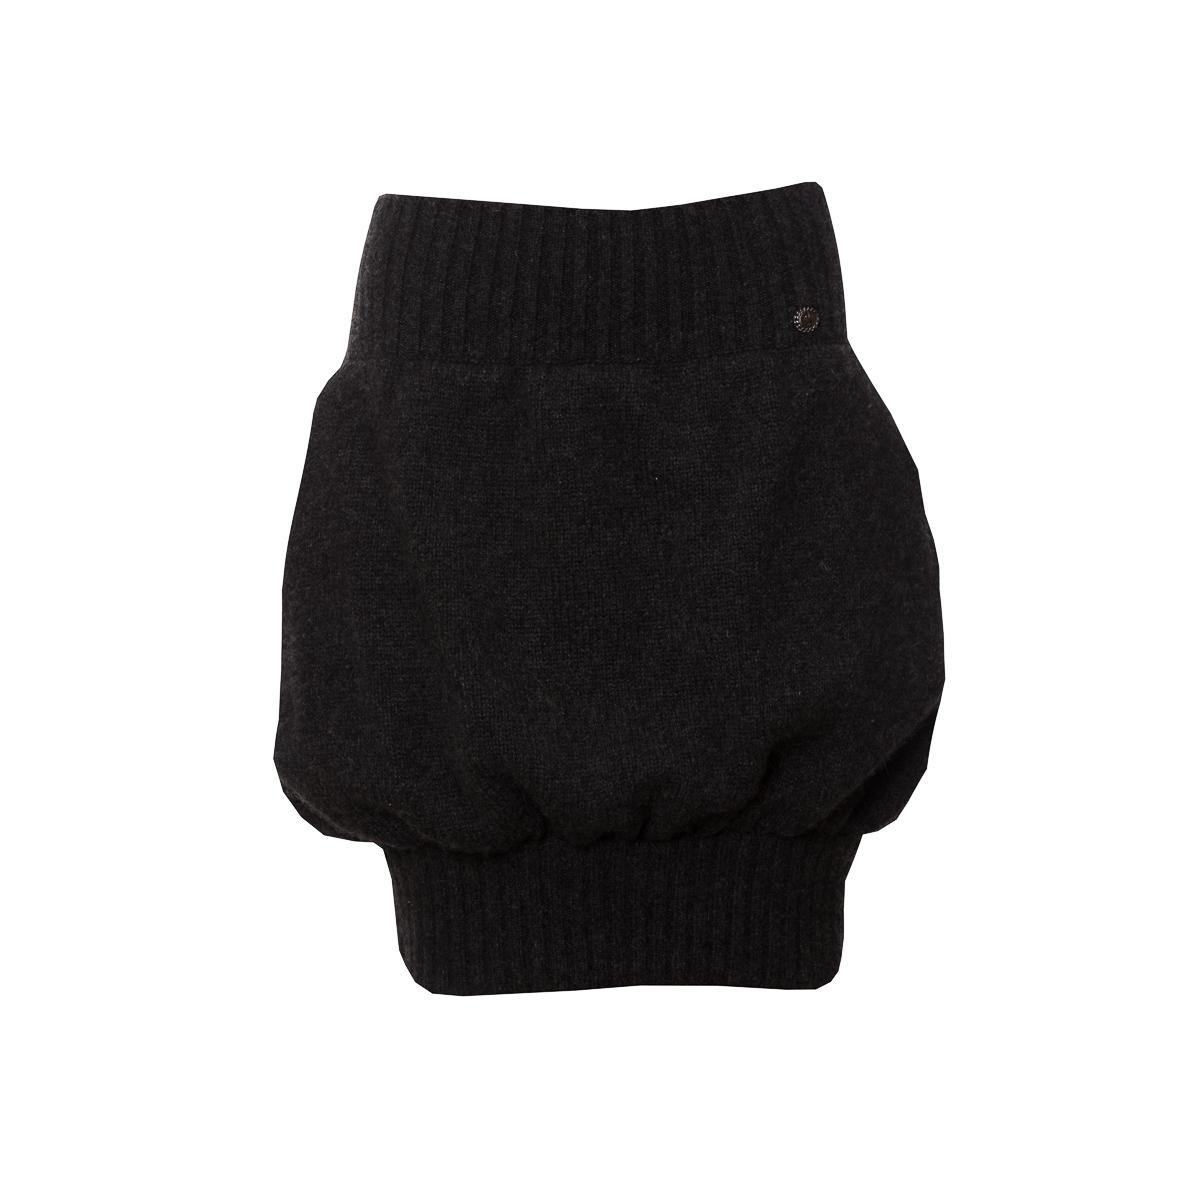 Оригинальная трикотажная юбка из кашемира темно-серого цвета от Chanel, 34 размер.